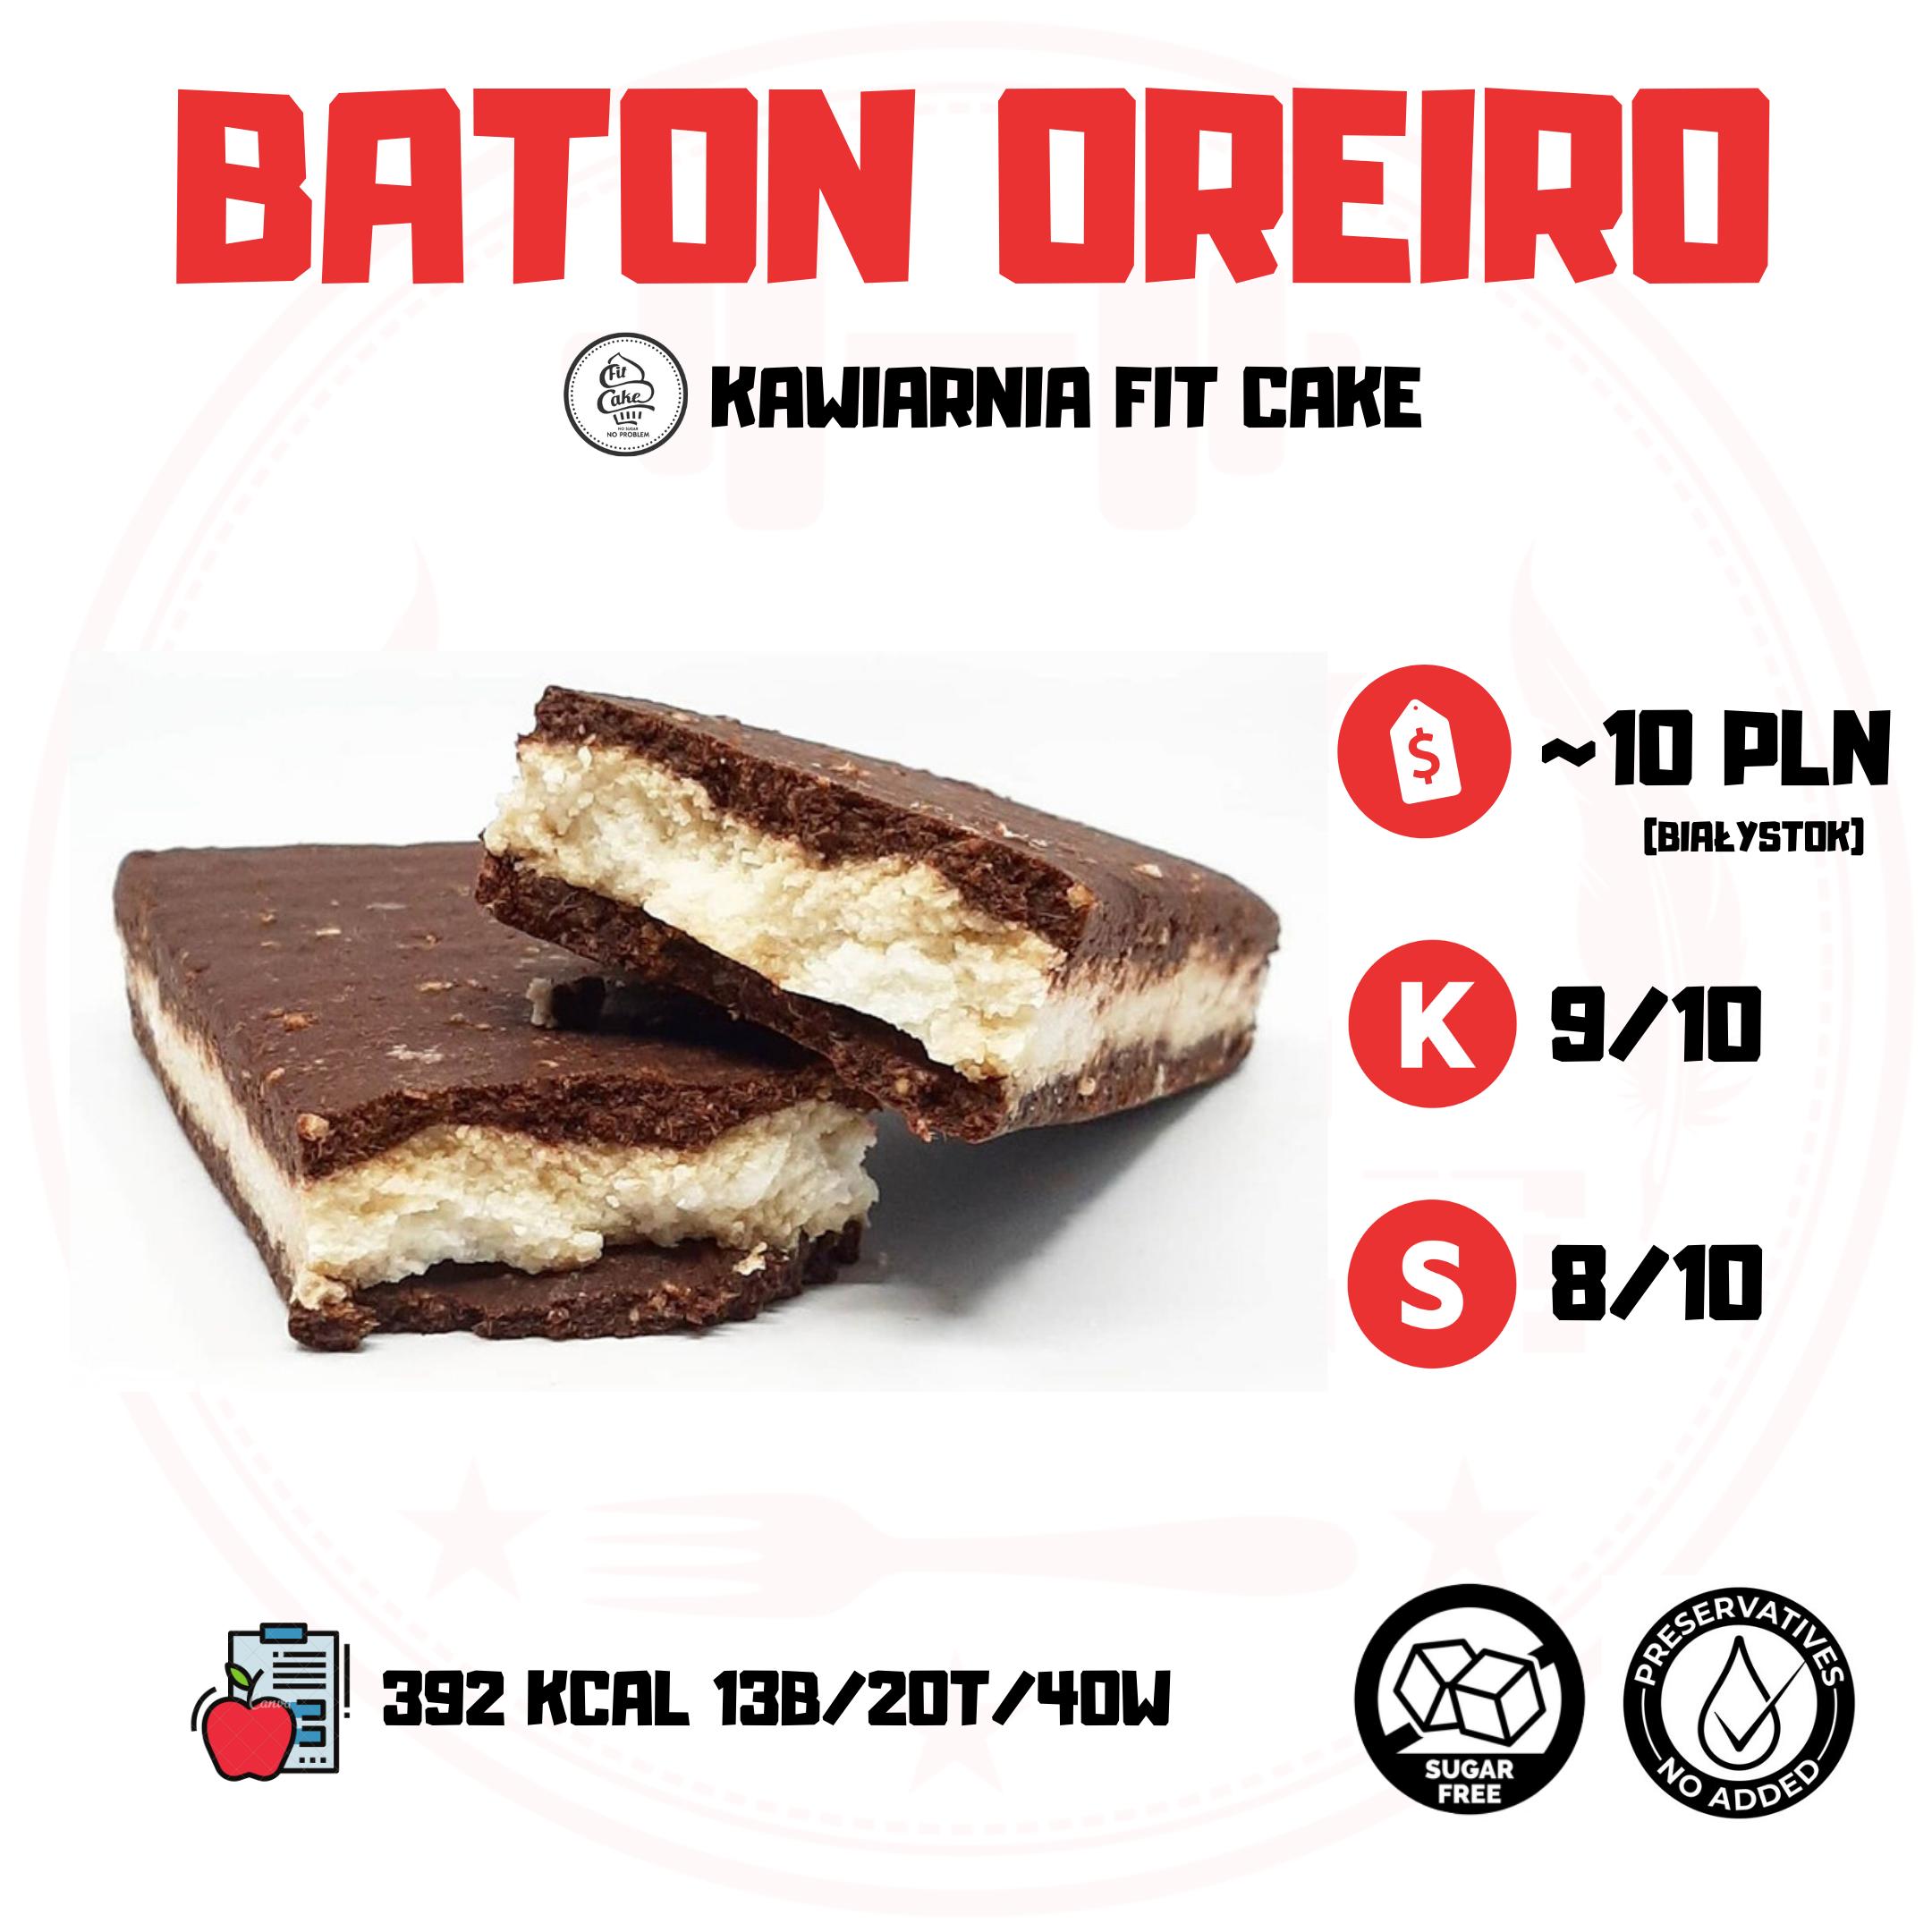 FIT CAKE BATON OREIRO